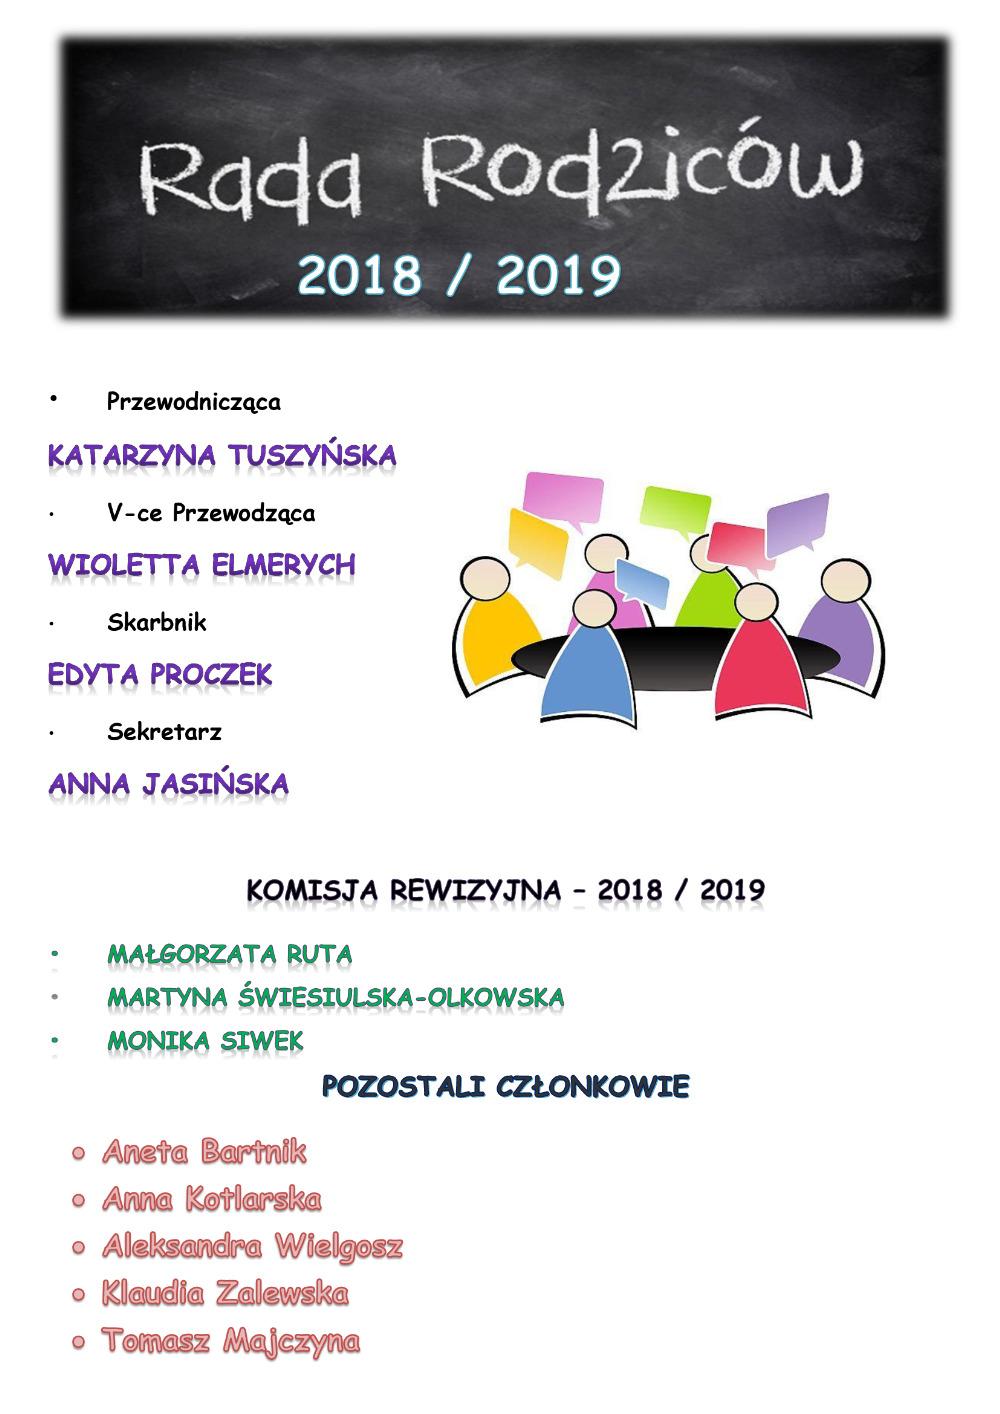 Rada Rodziców 2018/2019